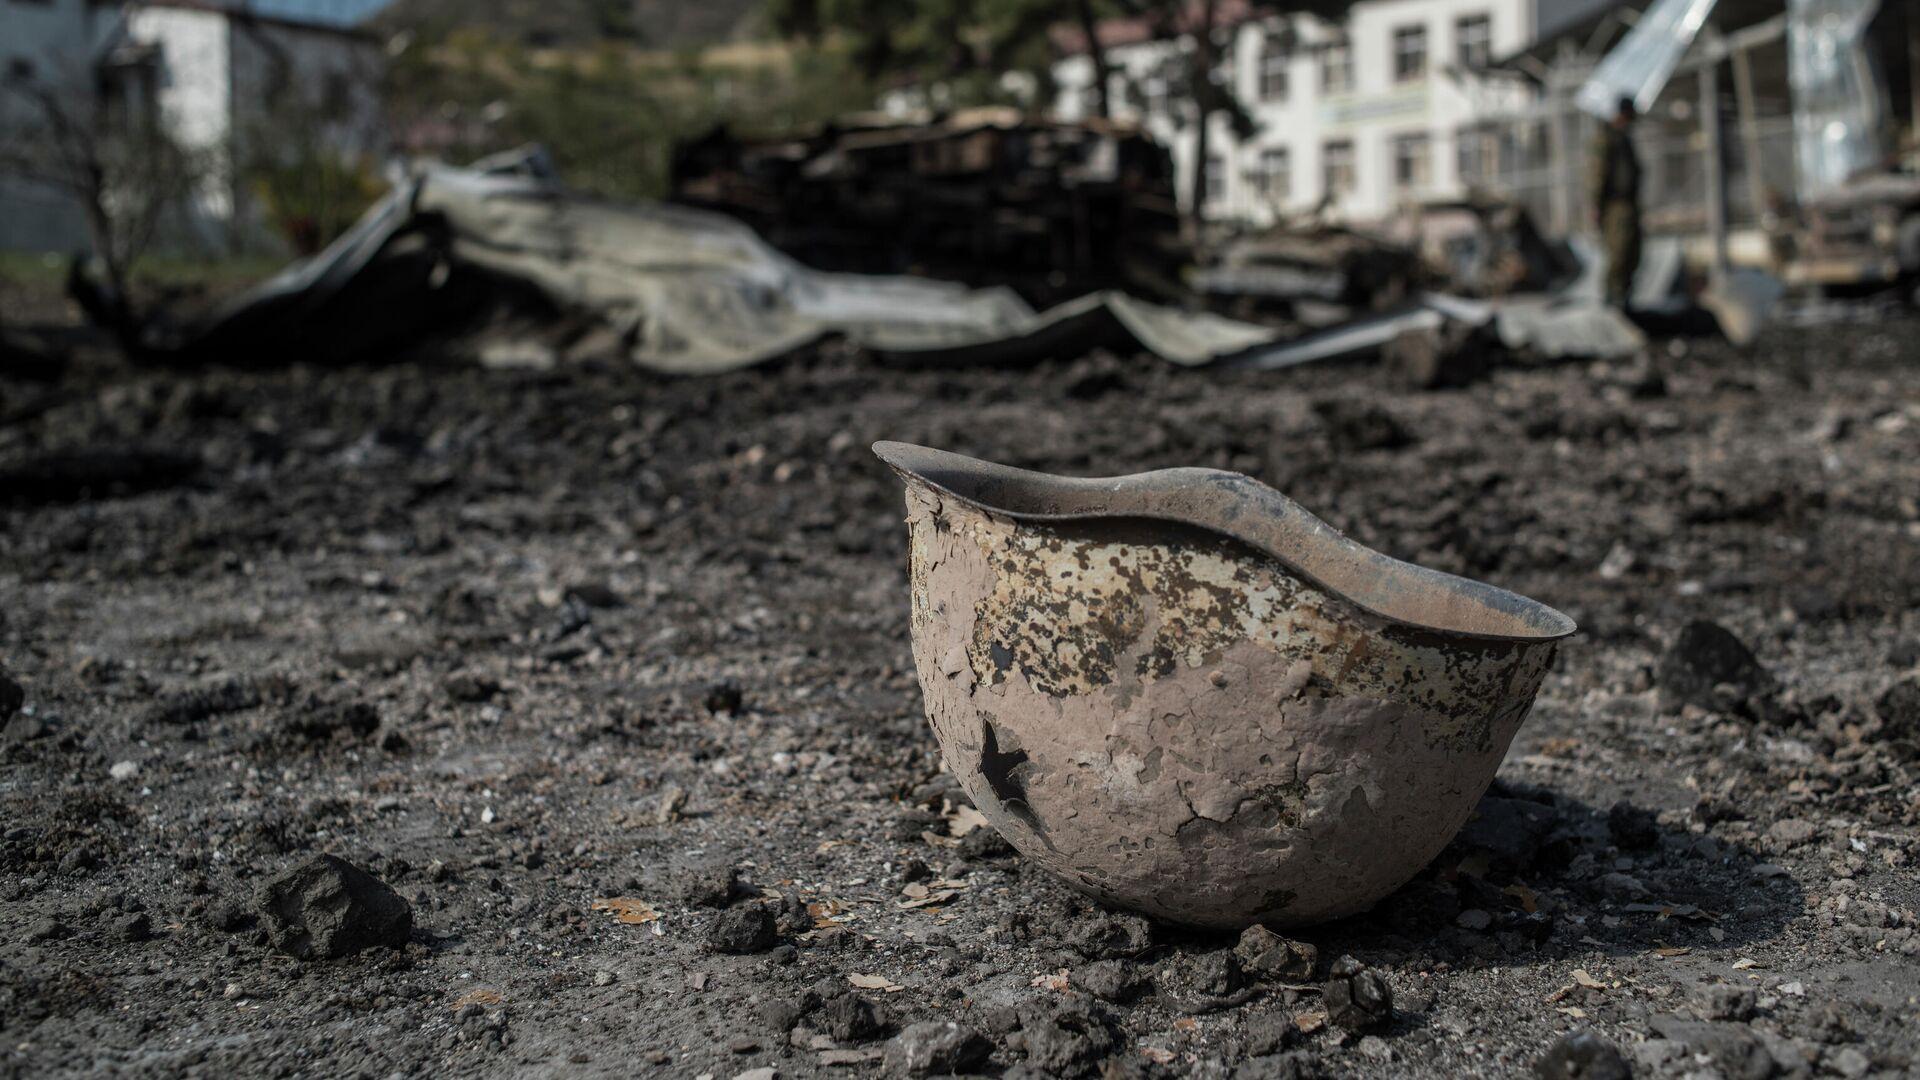 Пробитая каска на территории у госпиталя в Мартакерте, разрушенного в результате обстрела - РИА Новости, 1920, 19.10.2020